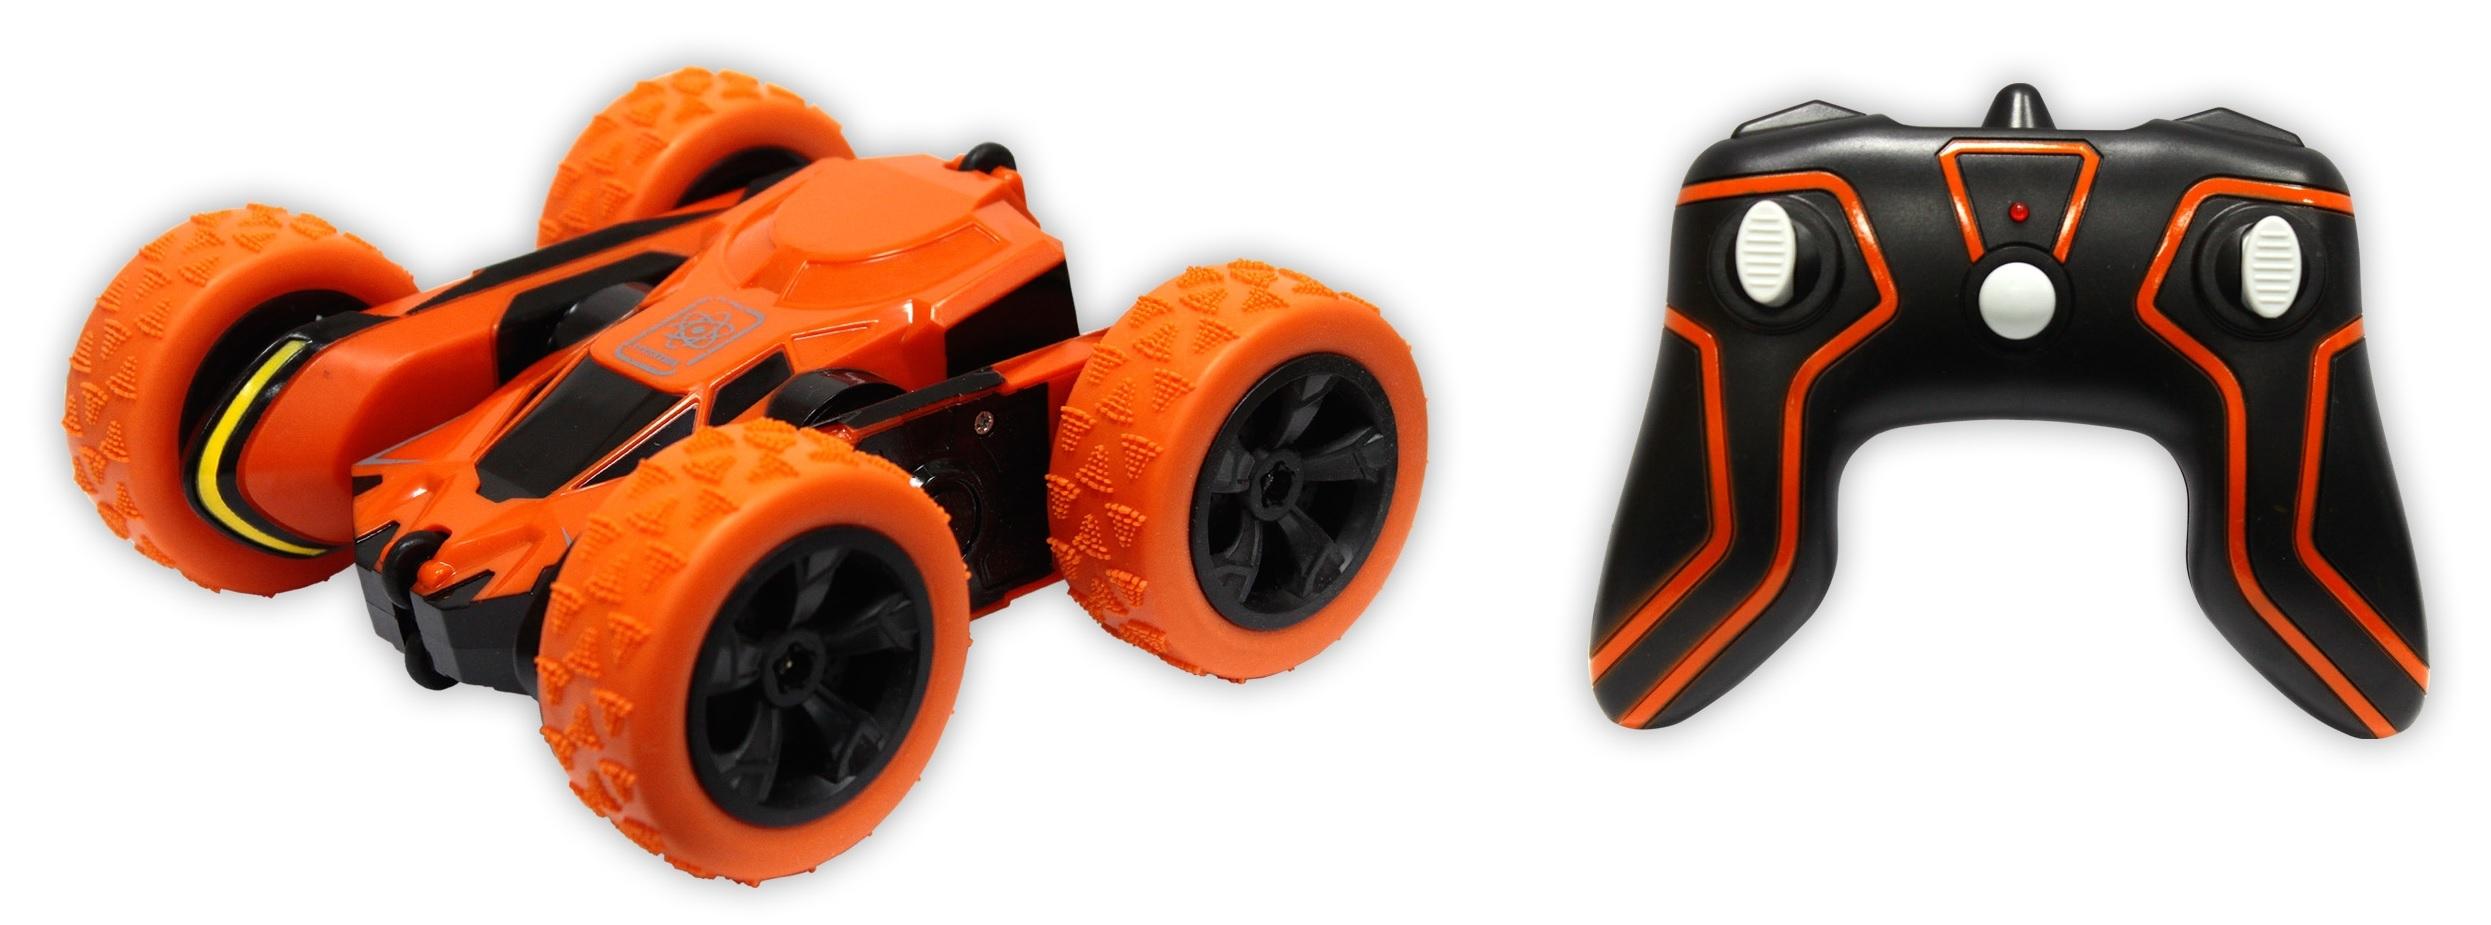 Машинки и мотоциклы 1toy Драйв Т10951 машинки и мотоциклы 1toy машинка р у 1тoy hot wheels н68 со светом чёрная